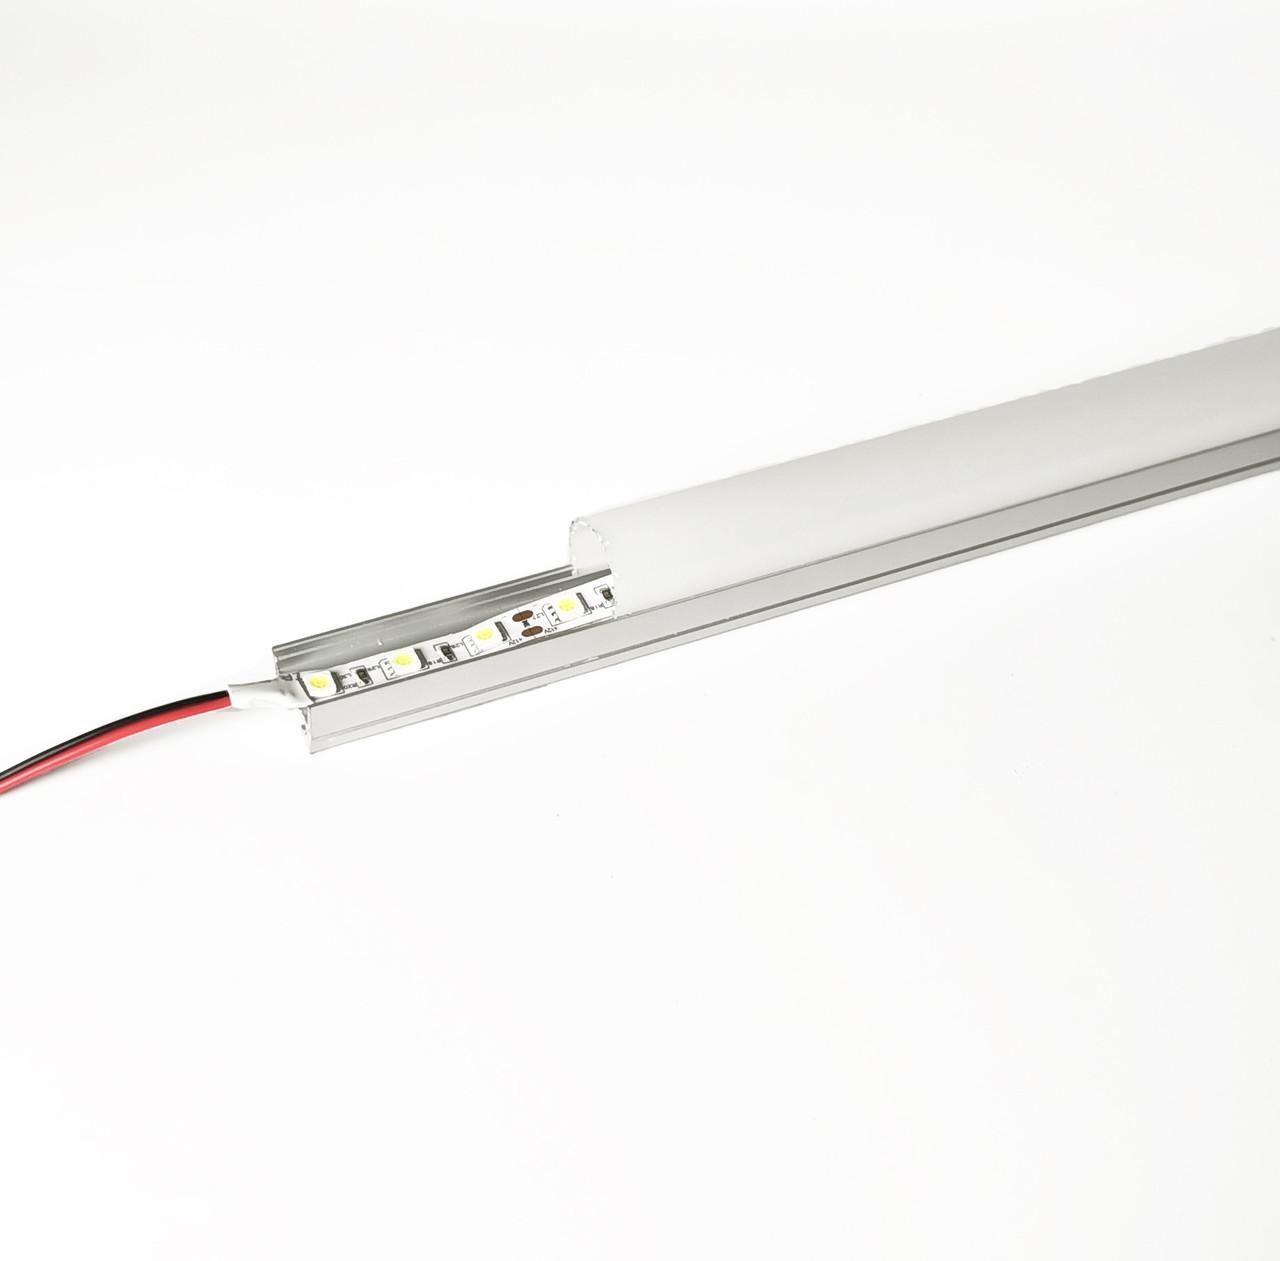 Алюминиевый световой профиль для подсветки в комплекте с рассеивателем (накладной HC-069 20х27 4M)